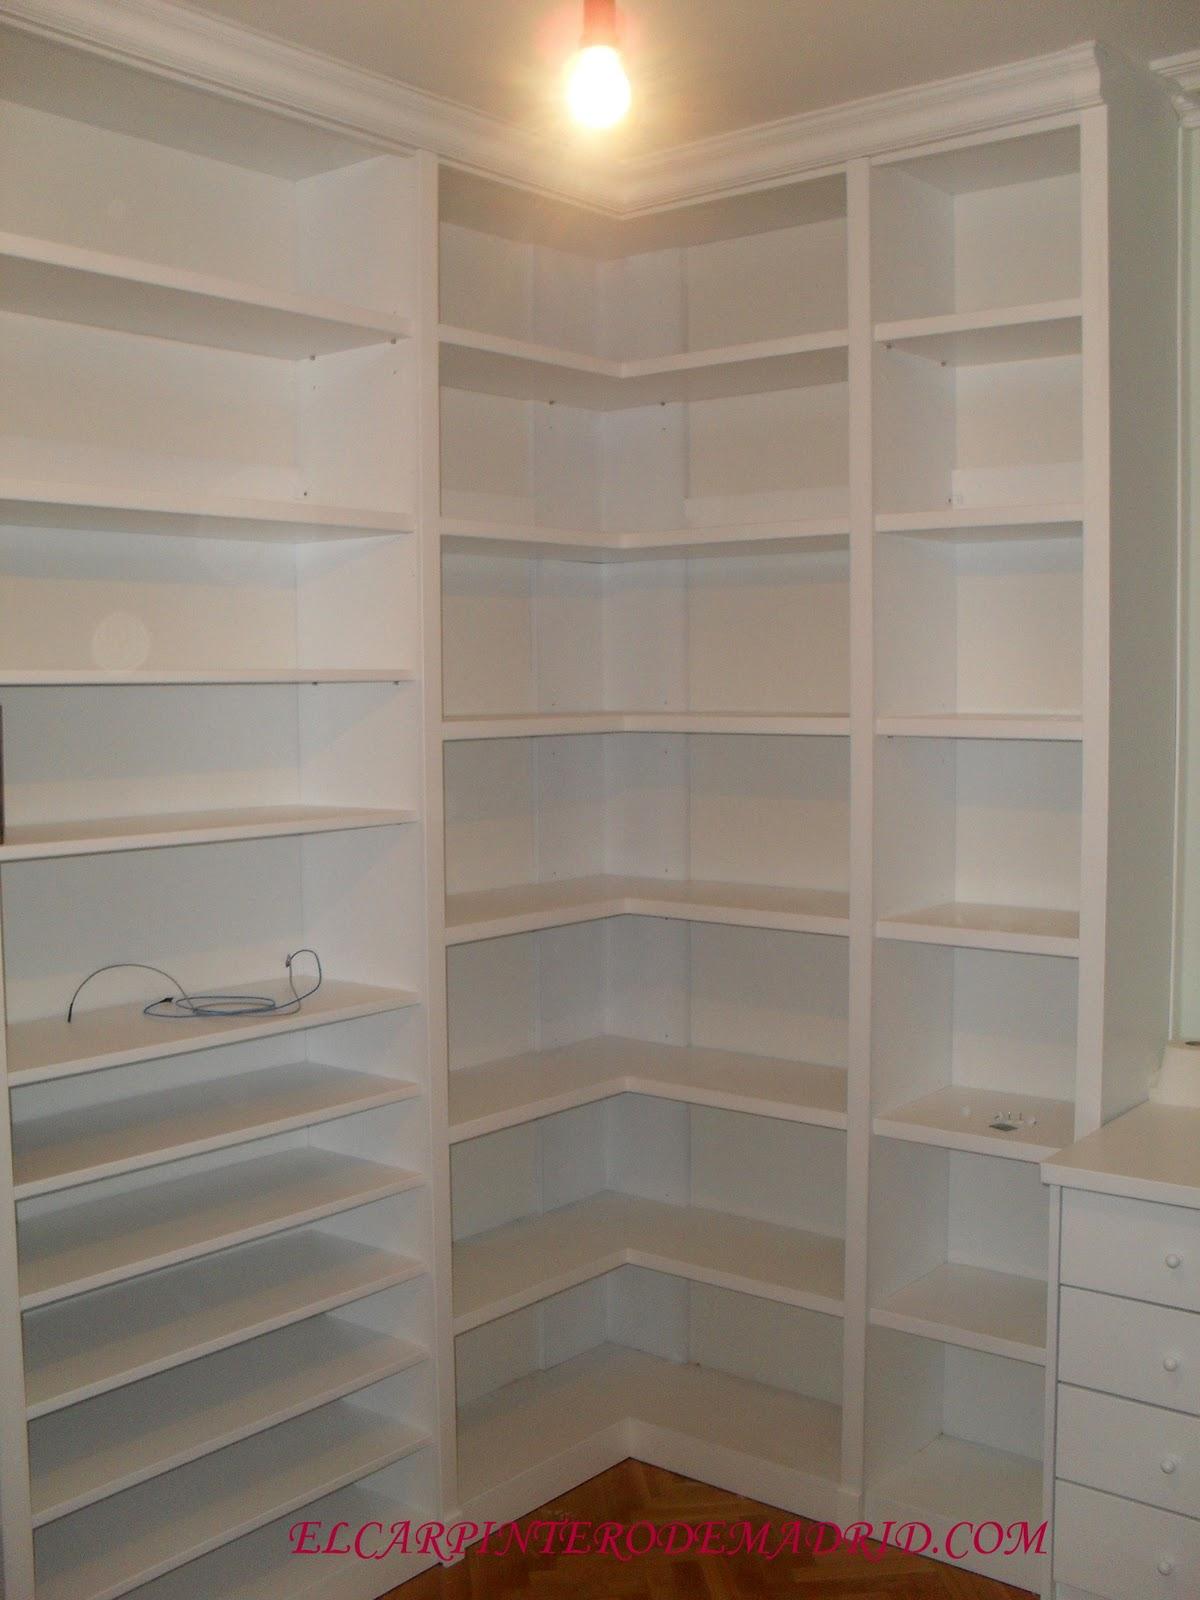 El carpintero de madrid 617075183 librerias armarios - Librerias a medida en madrid ...